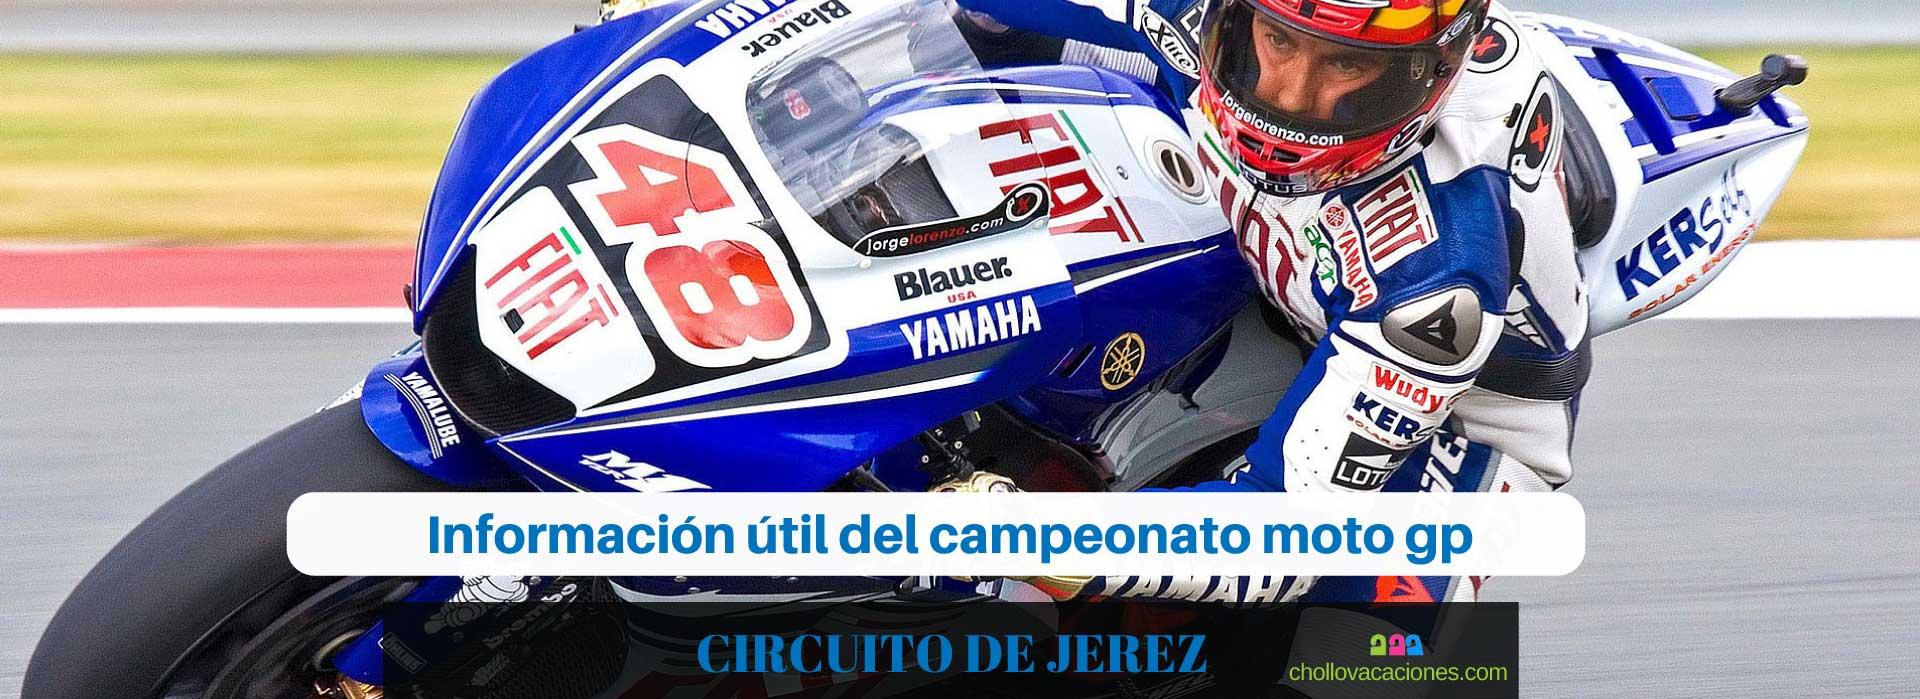 Circuito De Jerez : El circuito de jerez se llamará Ángel nieto